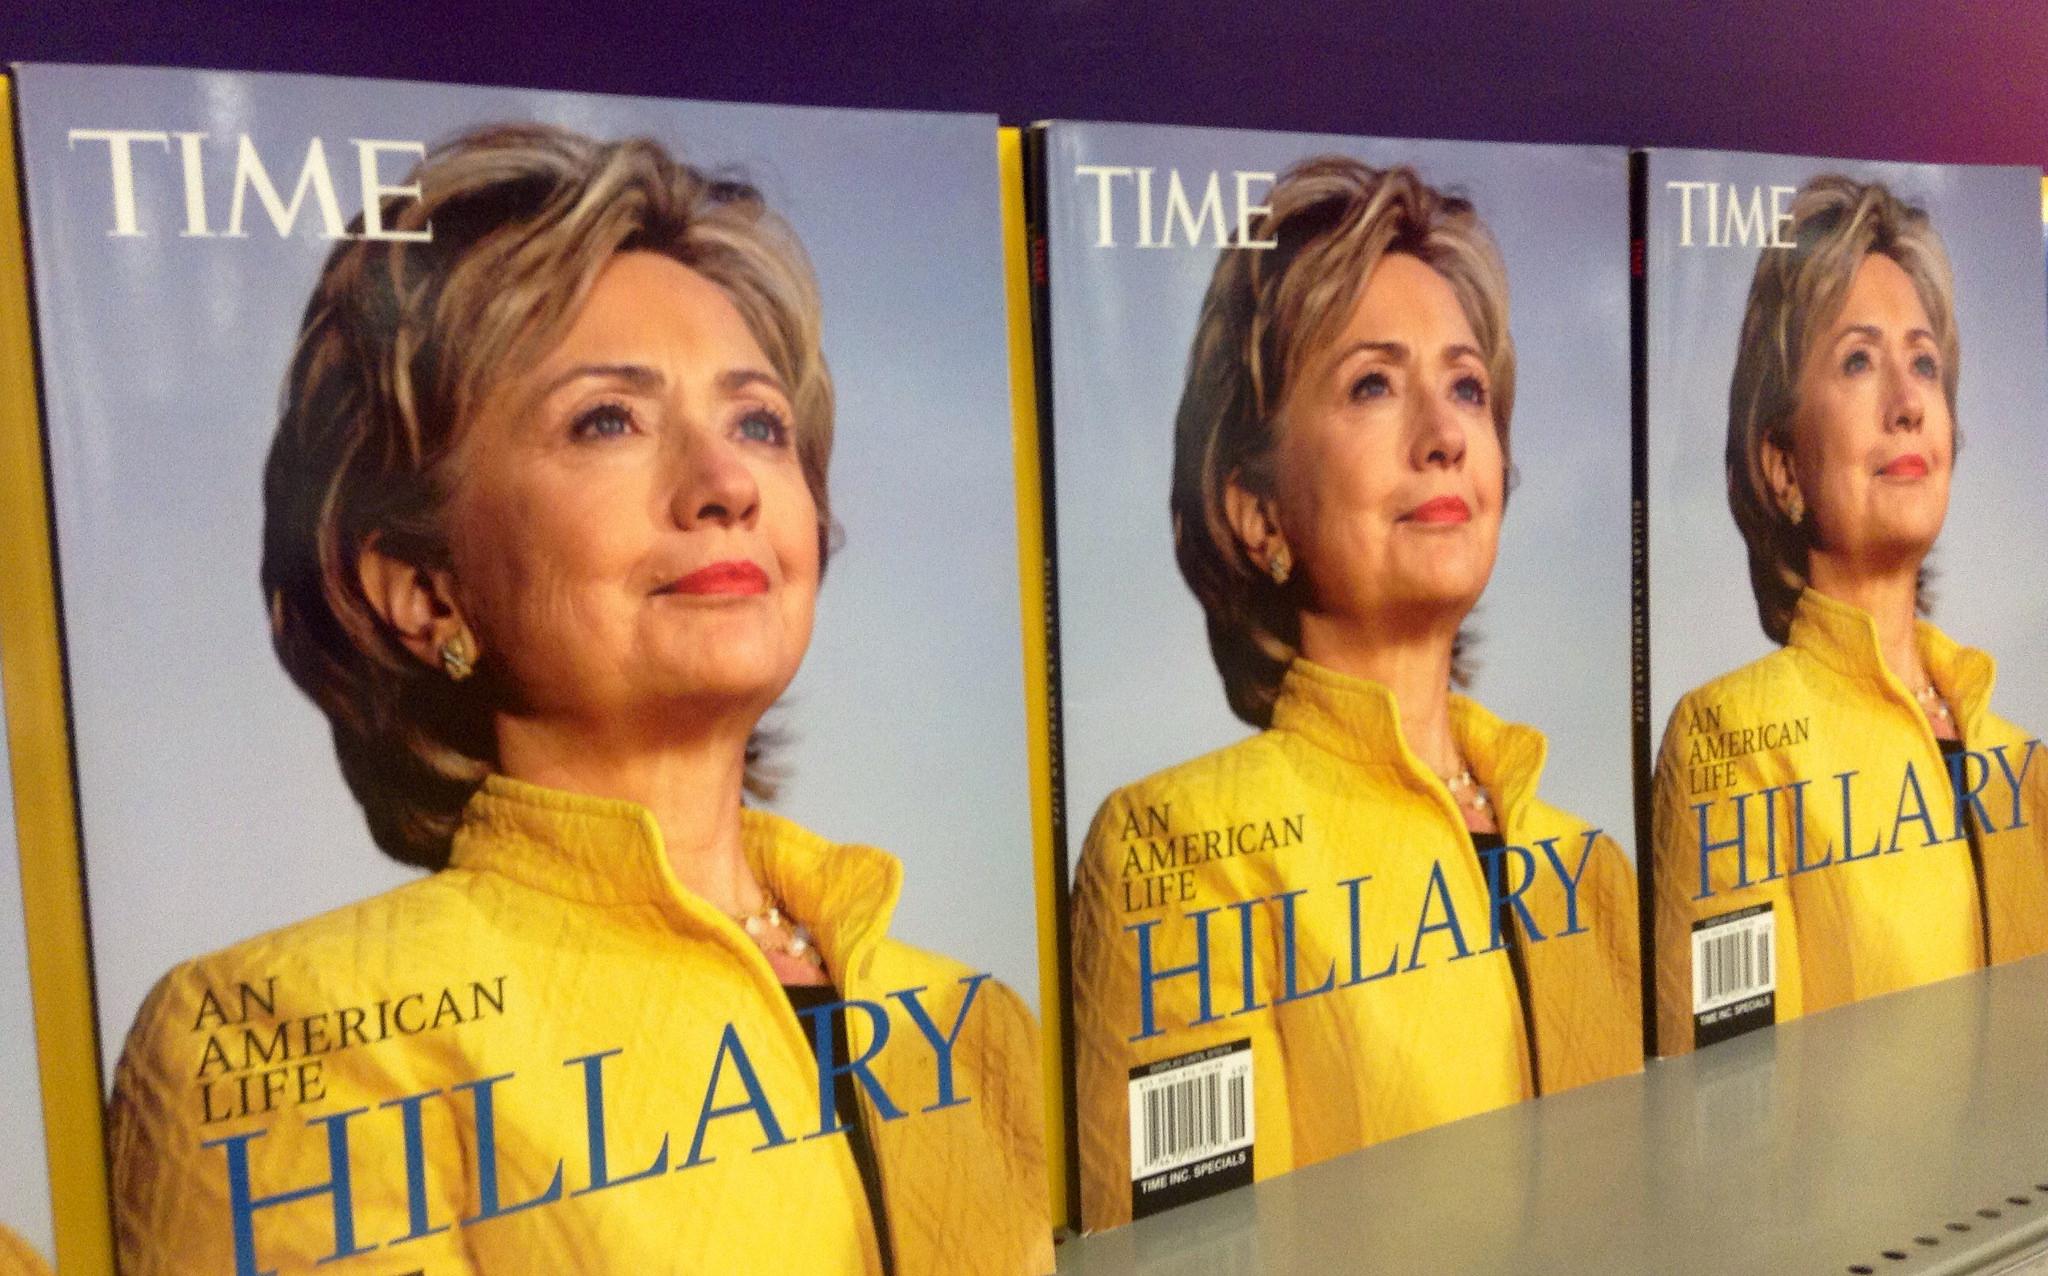 ヒラリーがピンチ?米史上初の女性大統領誕生は幻となるのか